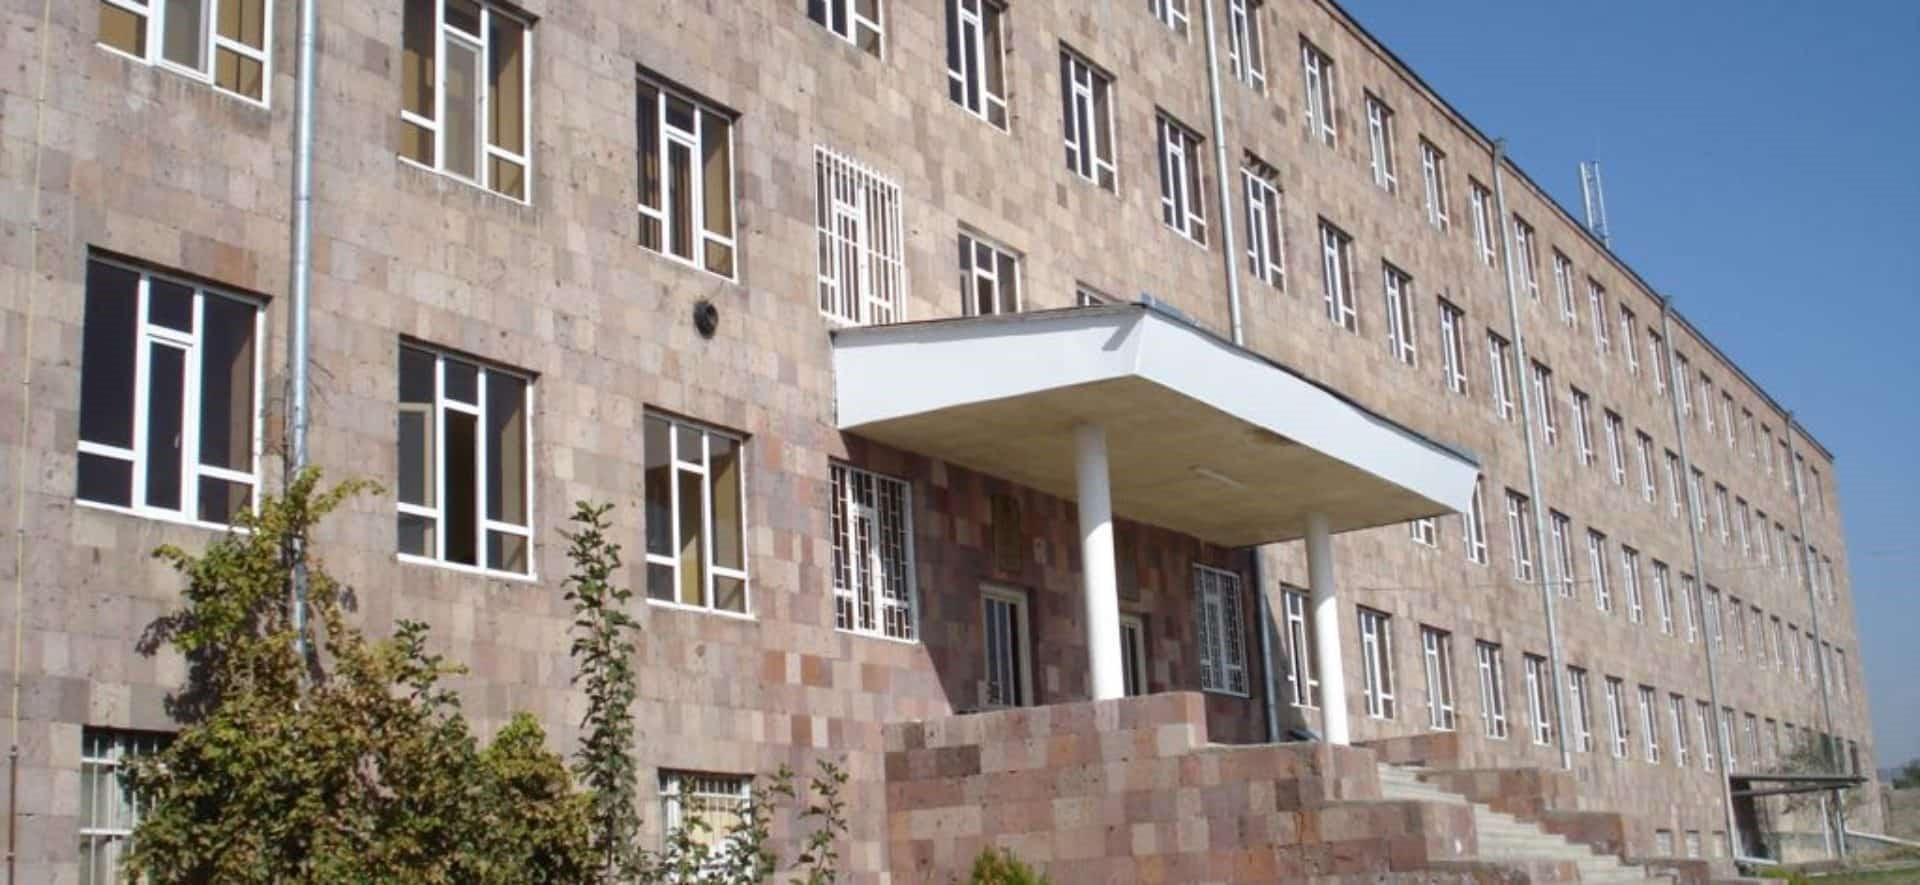 نظام تحصیلی و مقاطع تحصیلی در ارمنستان